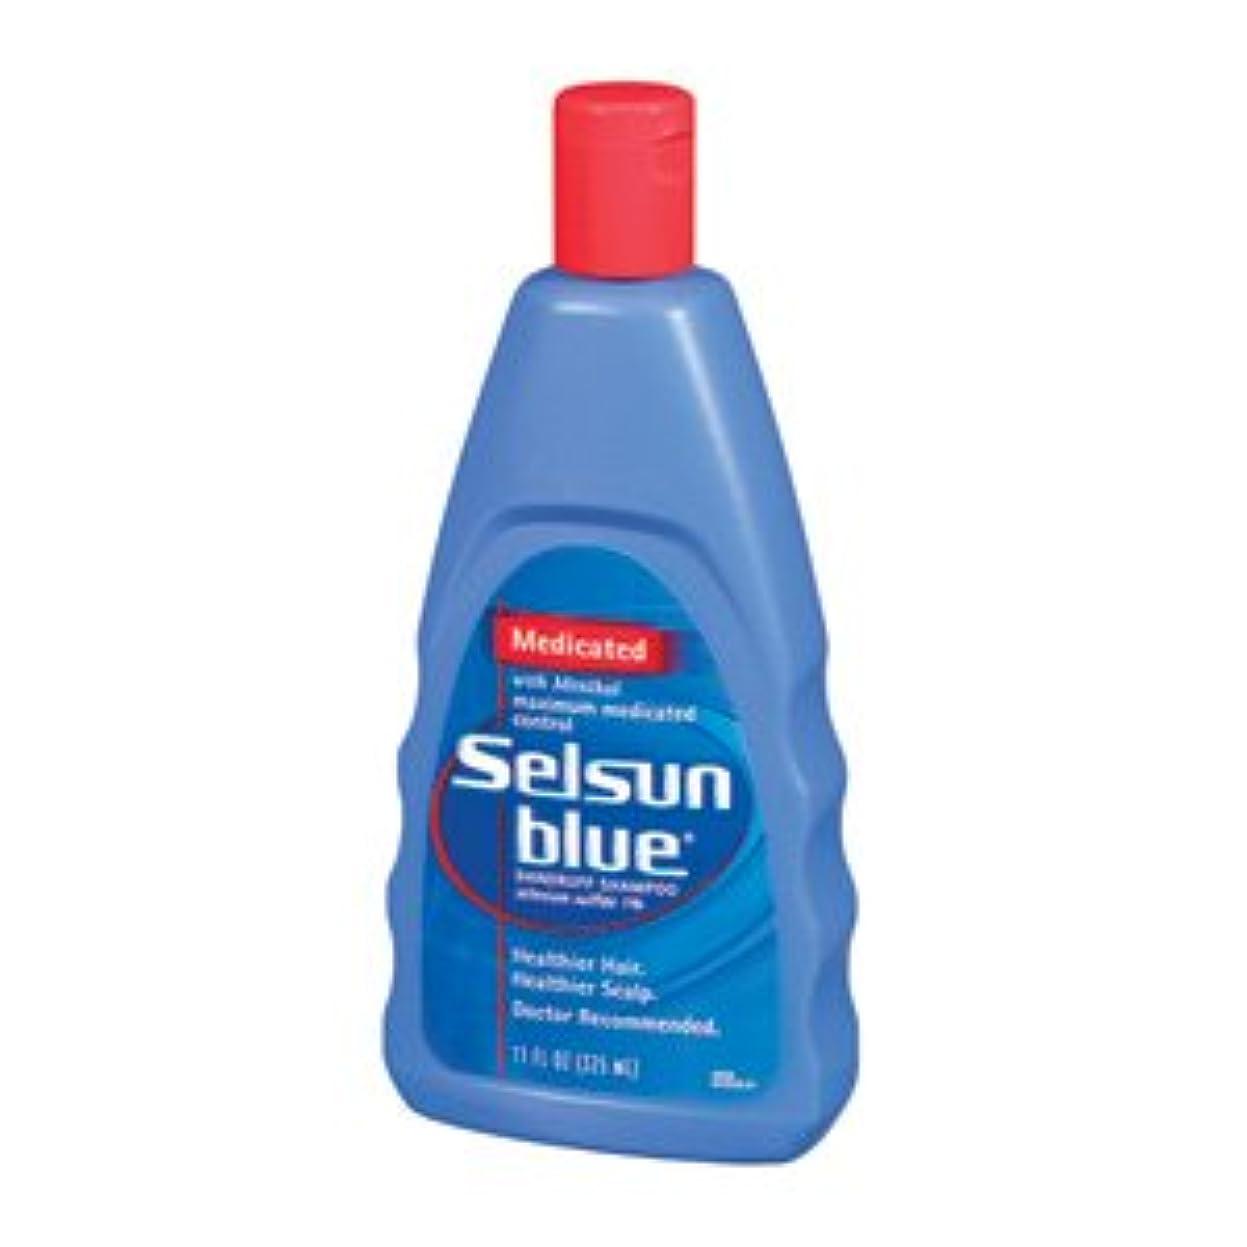 離れて大西洋あいさつセルサンブルー Selsun Blue ふけ用薬用シャンプー312ml(海外直送品)